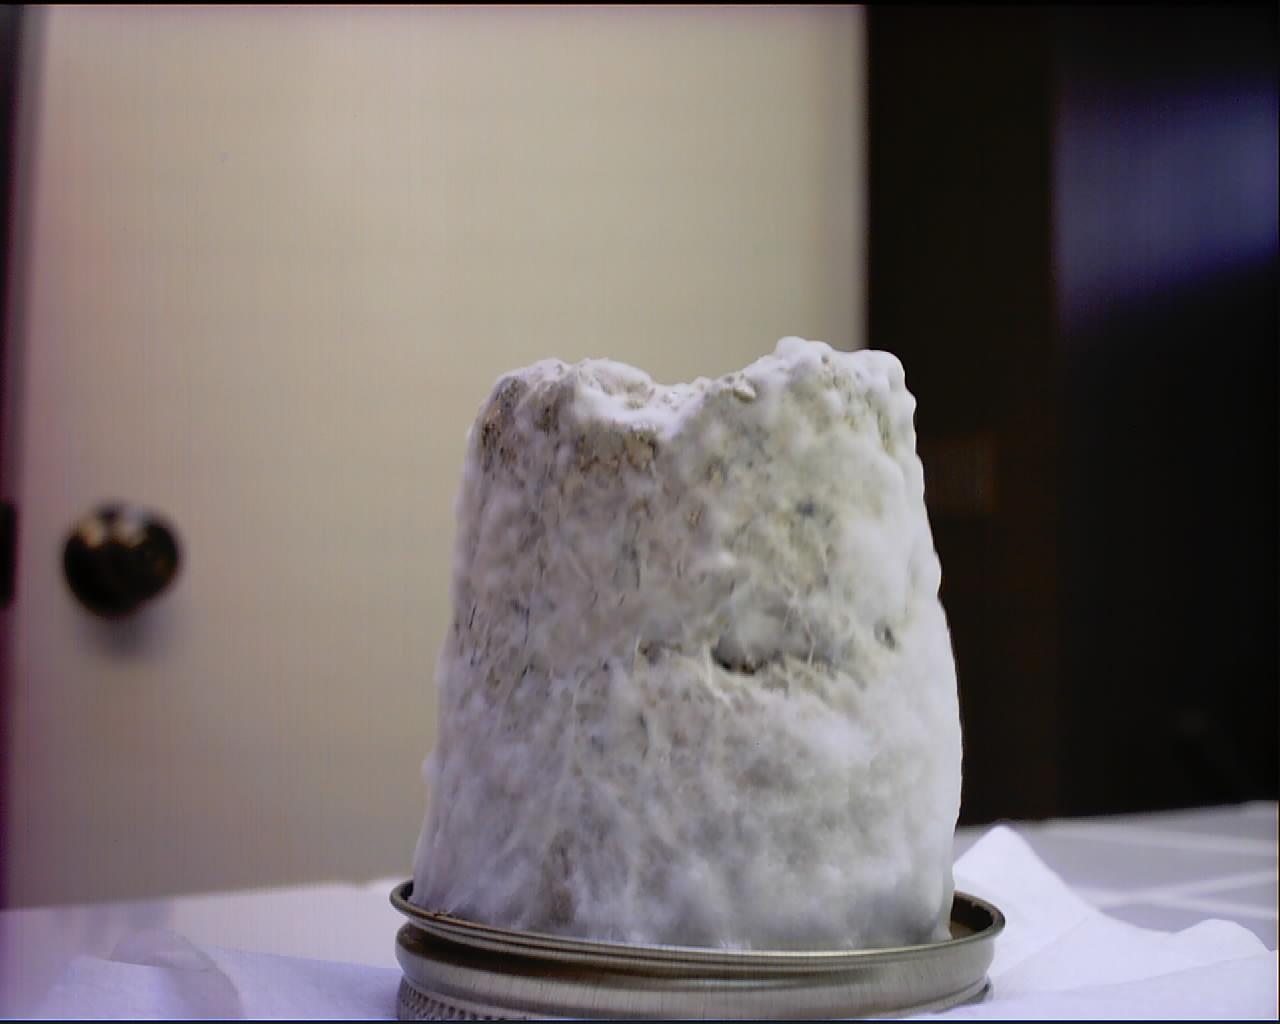 Fuzzy Mycelium On Cakes